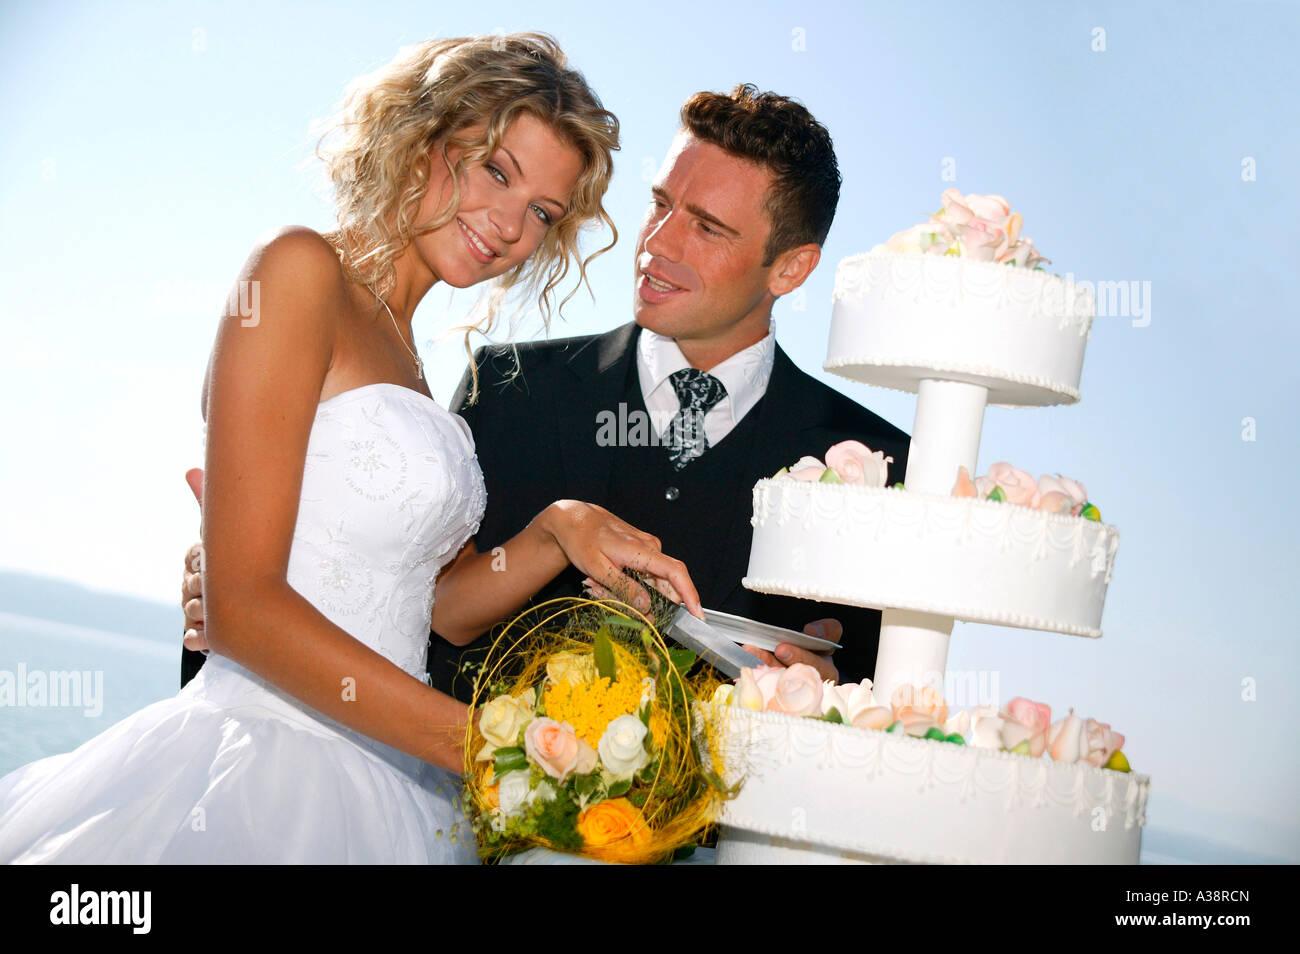 Brautpaar im Freien, mit Hochzeitstorte, bridal couple outside with weddingcake Stock Photo